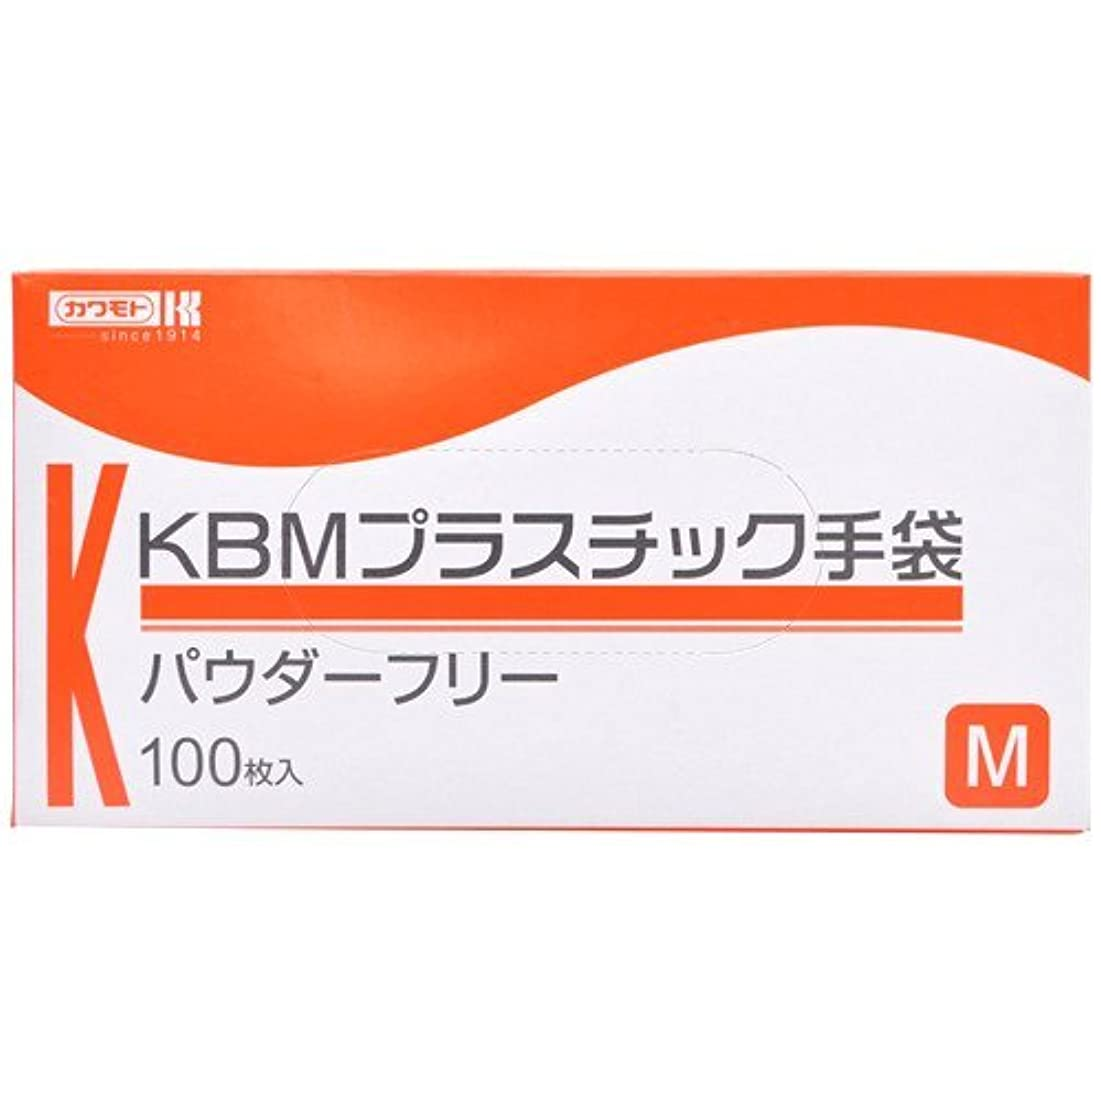 注ぎますおんどり口述する川本産業 KBMプラスチック手袋 パウダーフリー M 100枚入